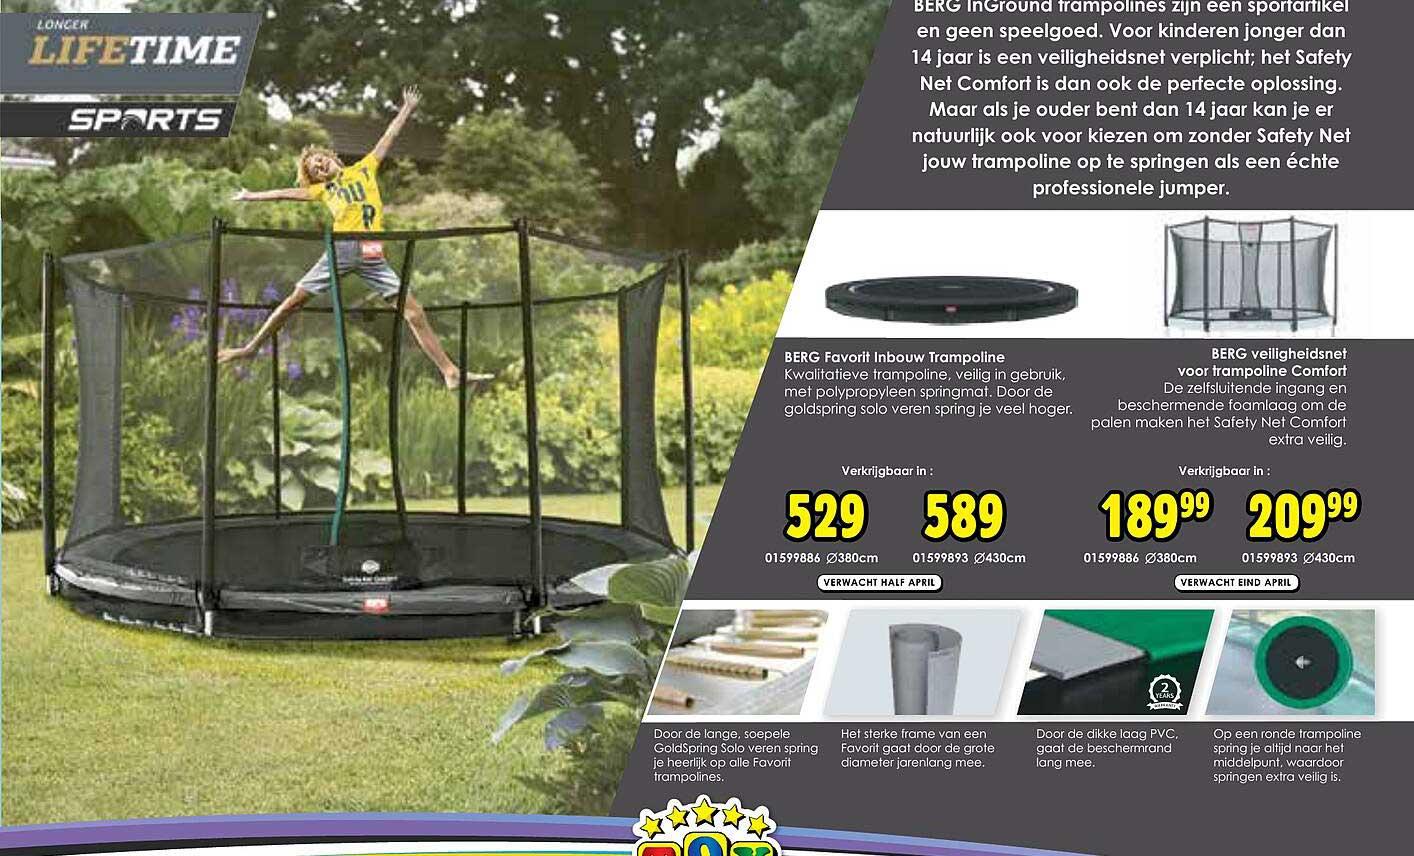 Toychamp Berg Favorit Inbouw Trampoline Of Berg Veiligheidsnet Voor Trampoline Comfort